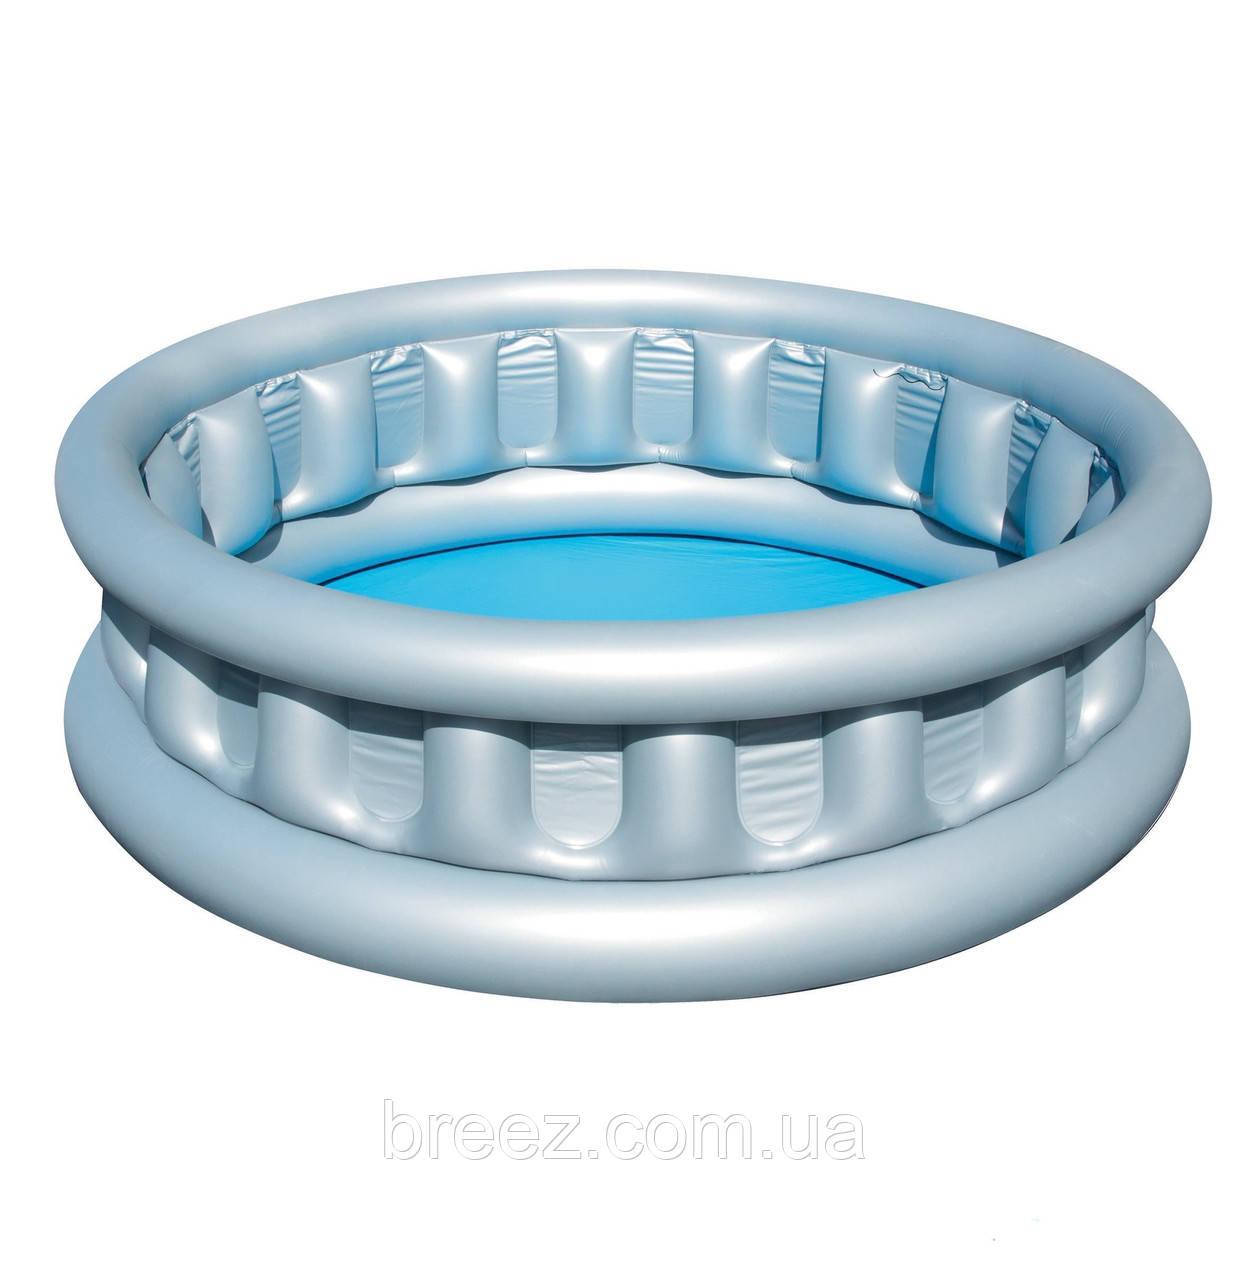 Детский надувной бассейн BestWay 51080 152 х 43 см